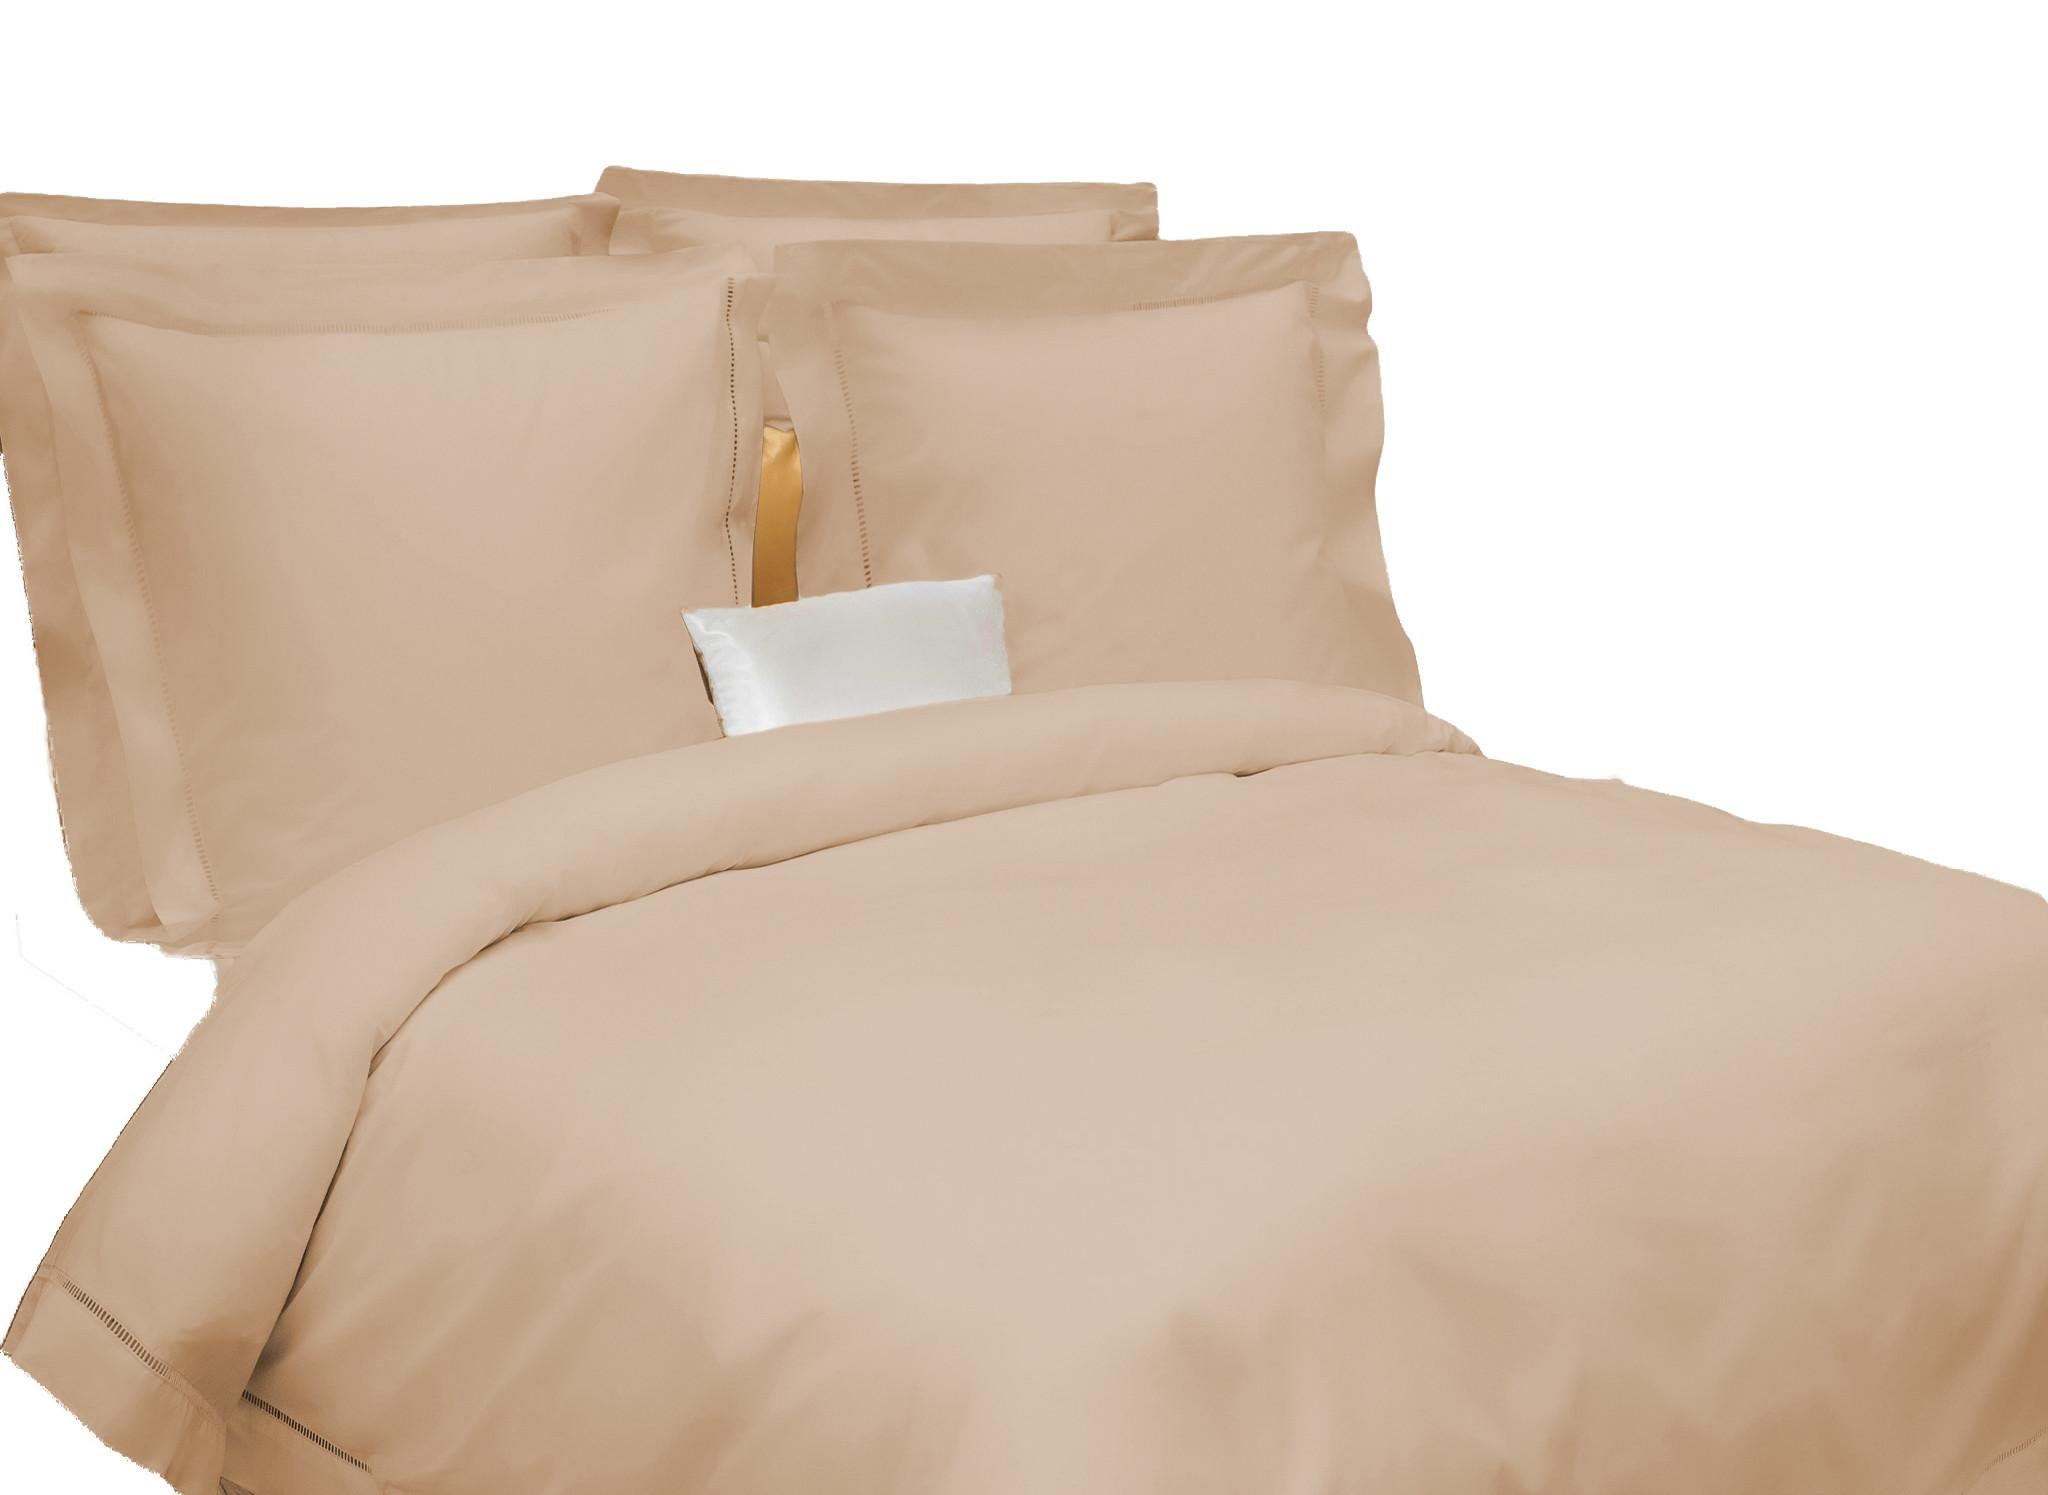 bettw sche 200x200 cm buddha bettw sche depot elegante reduziert frau ikea leuchten. Black Bedroom Furniture Sets. Home Design Ideas